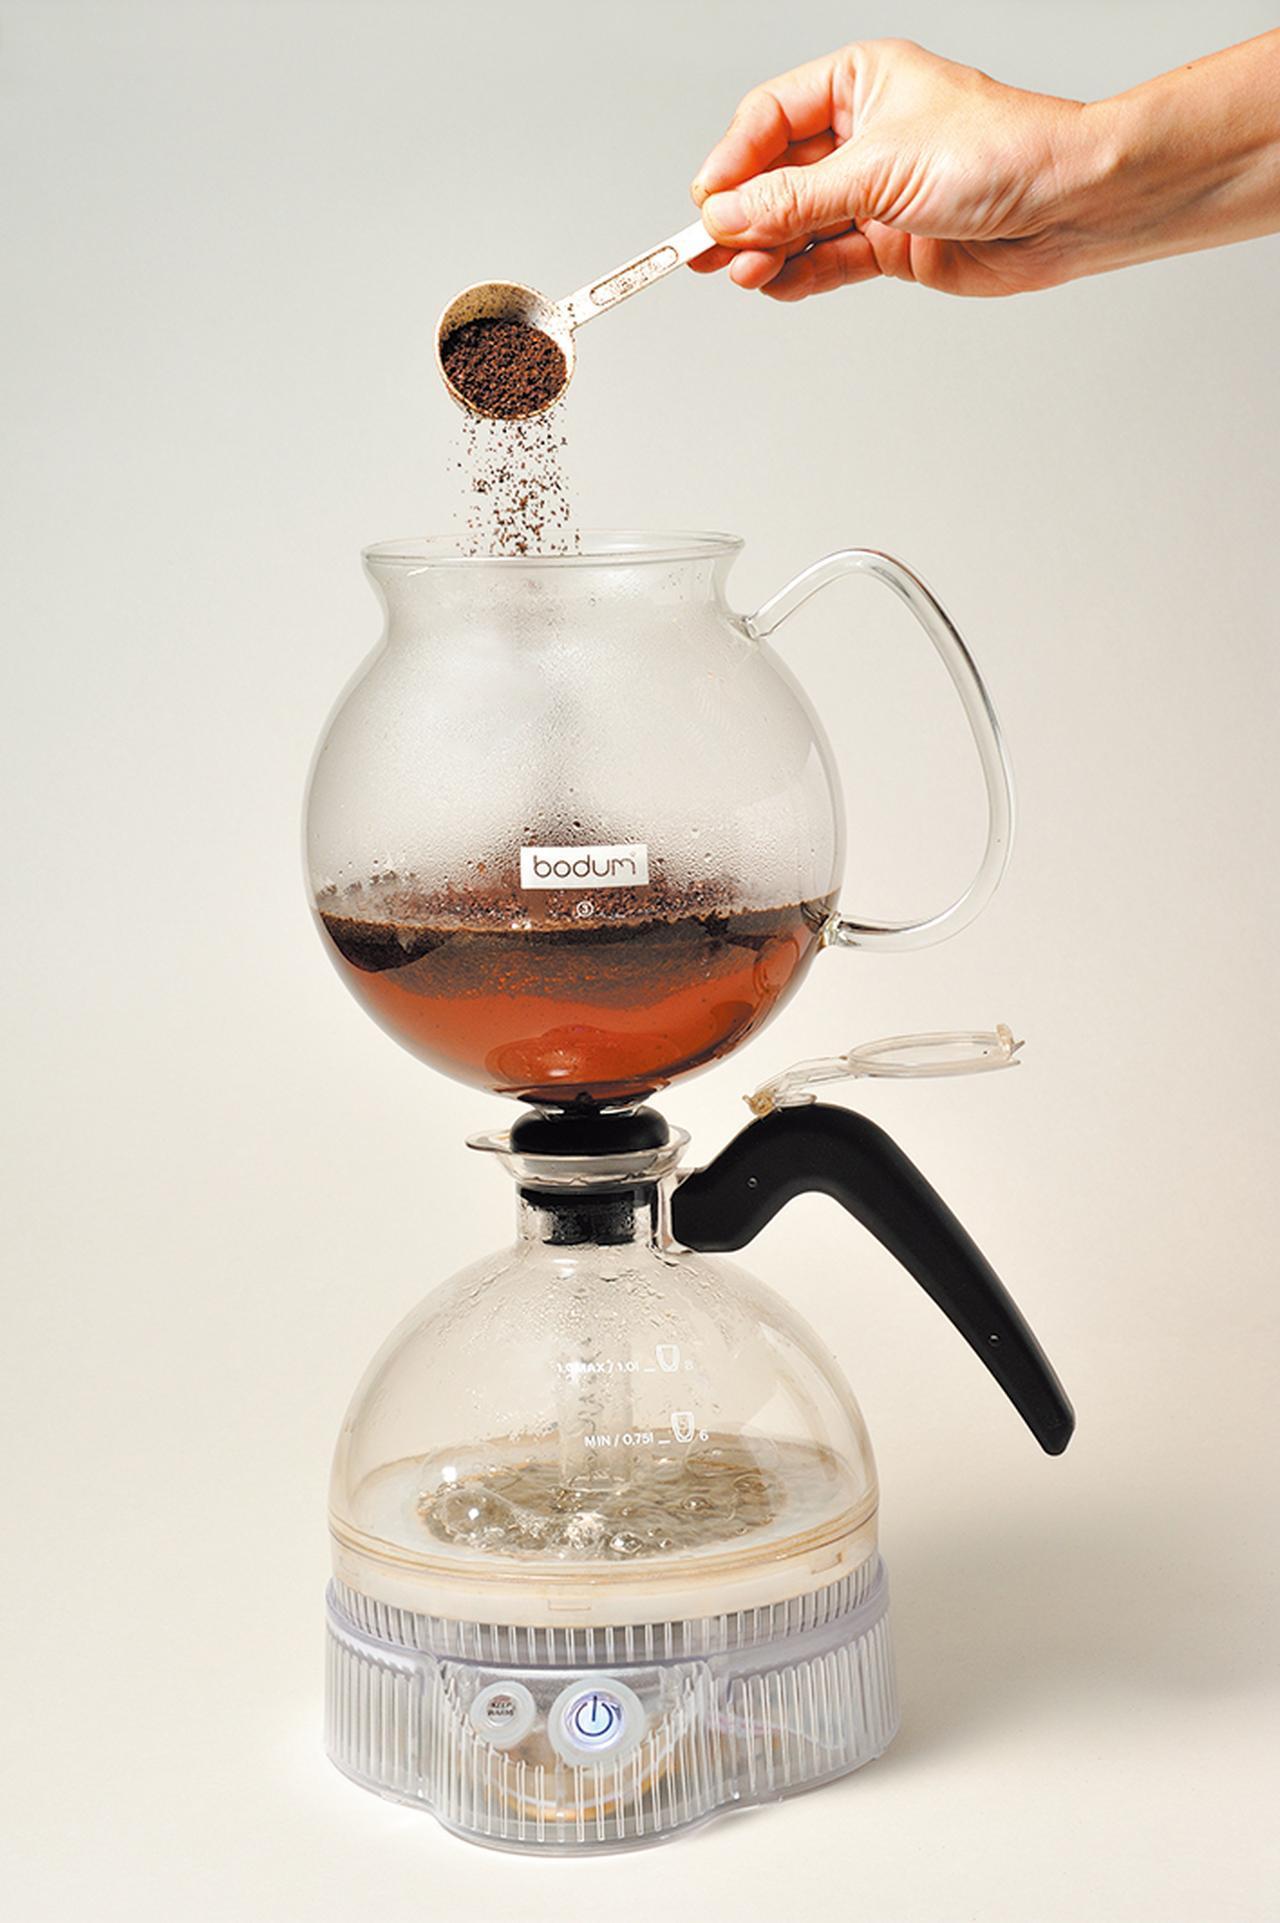 画像2: 一芸がスゴイ! 「炭酸水」「コーヒー」「熱燗」が家庭で手軽に作れる個性派調理家電